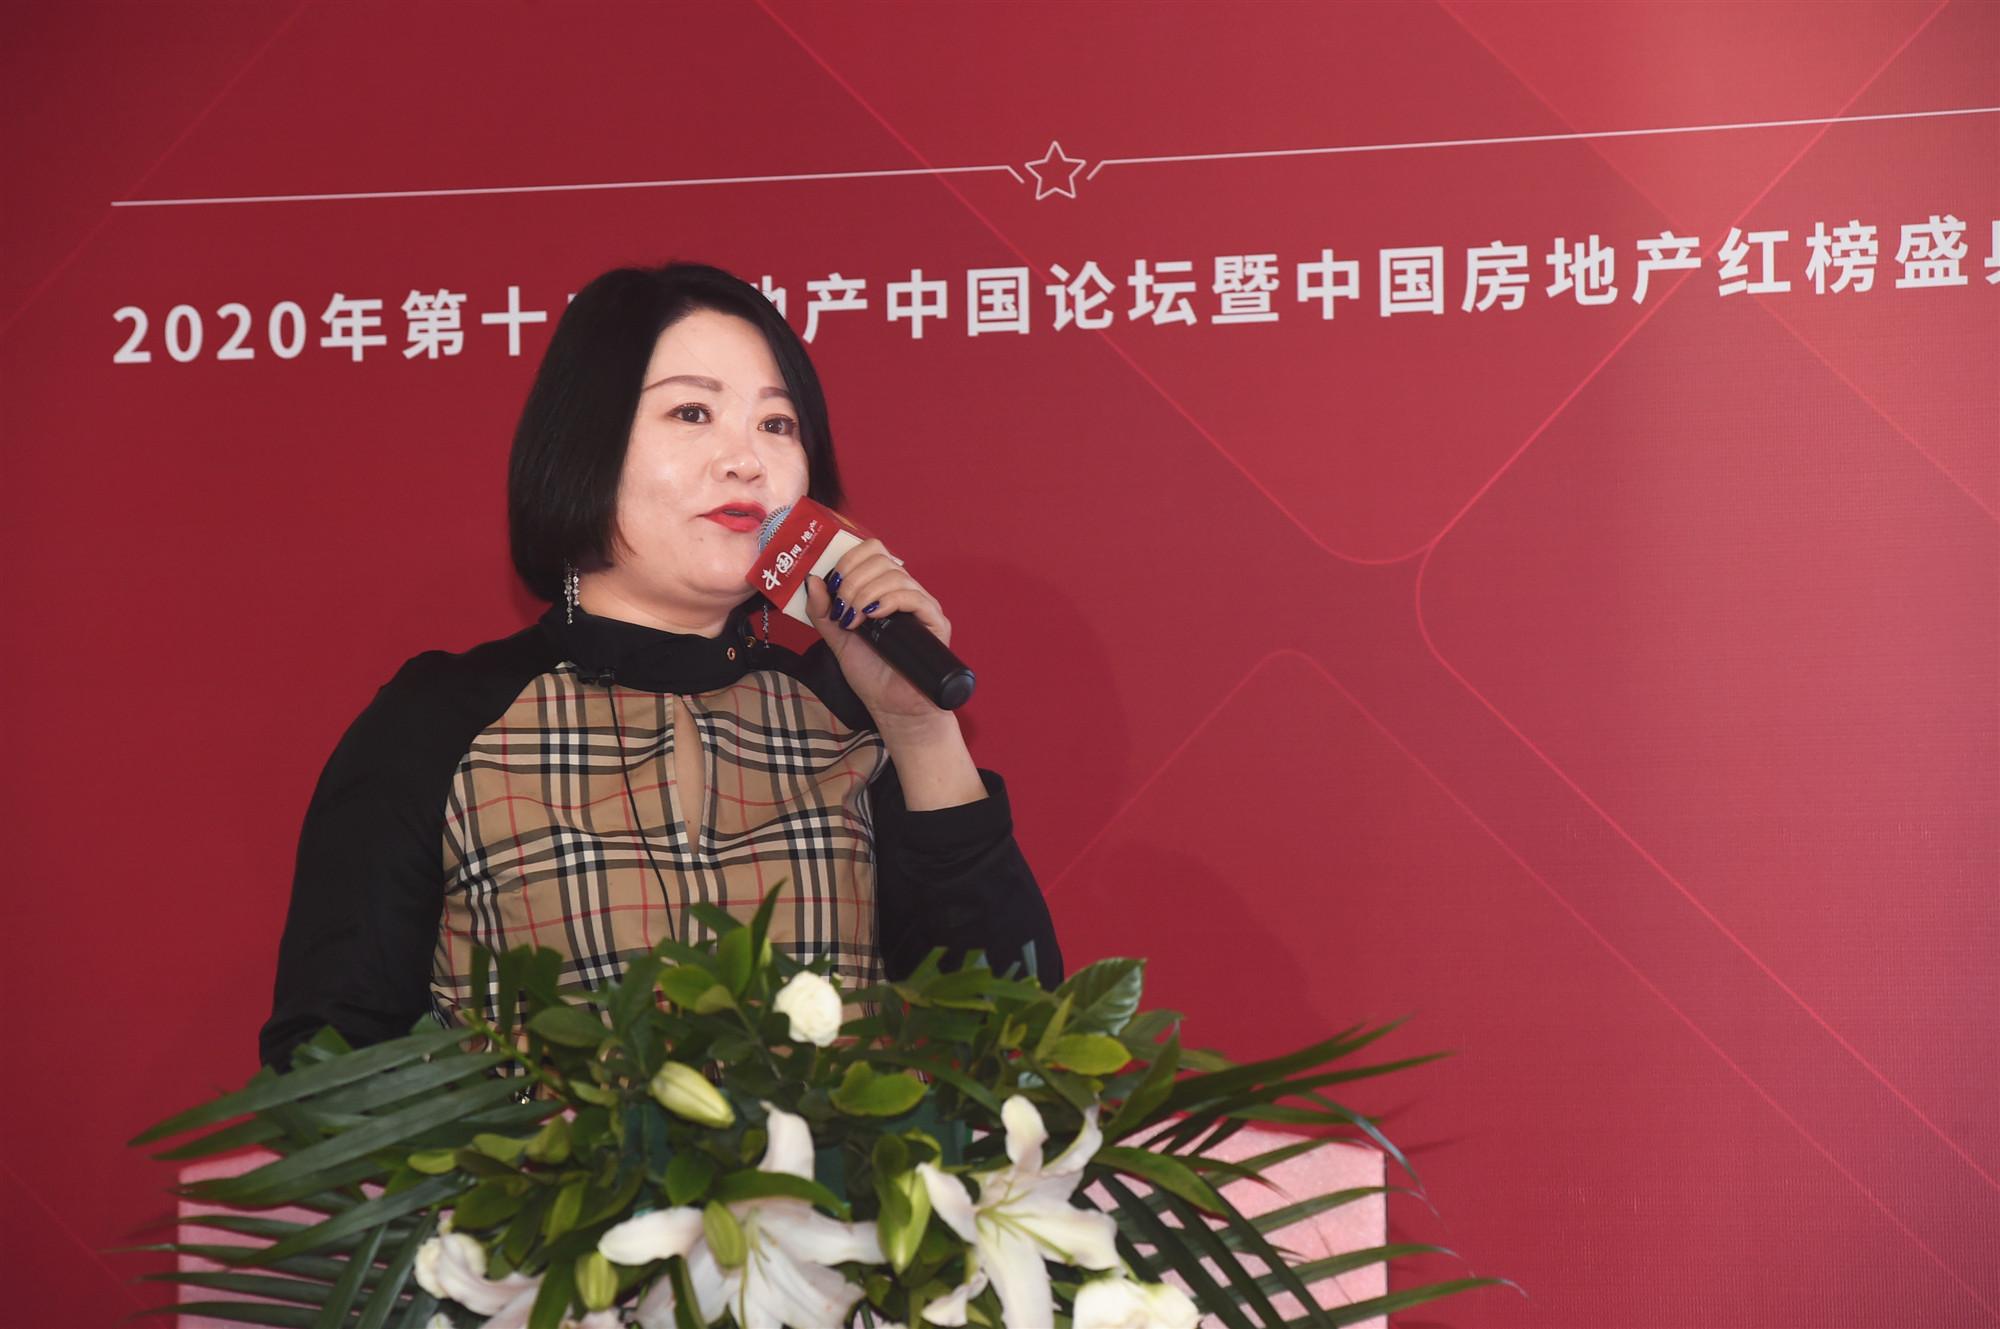 万年基业秦娜:人与场景存在三大连接-中国网地产